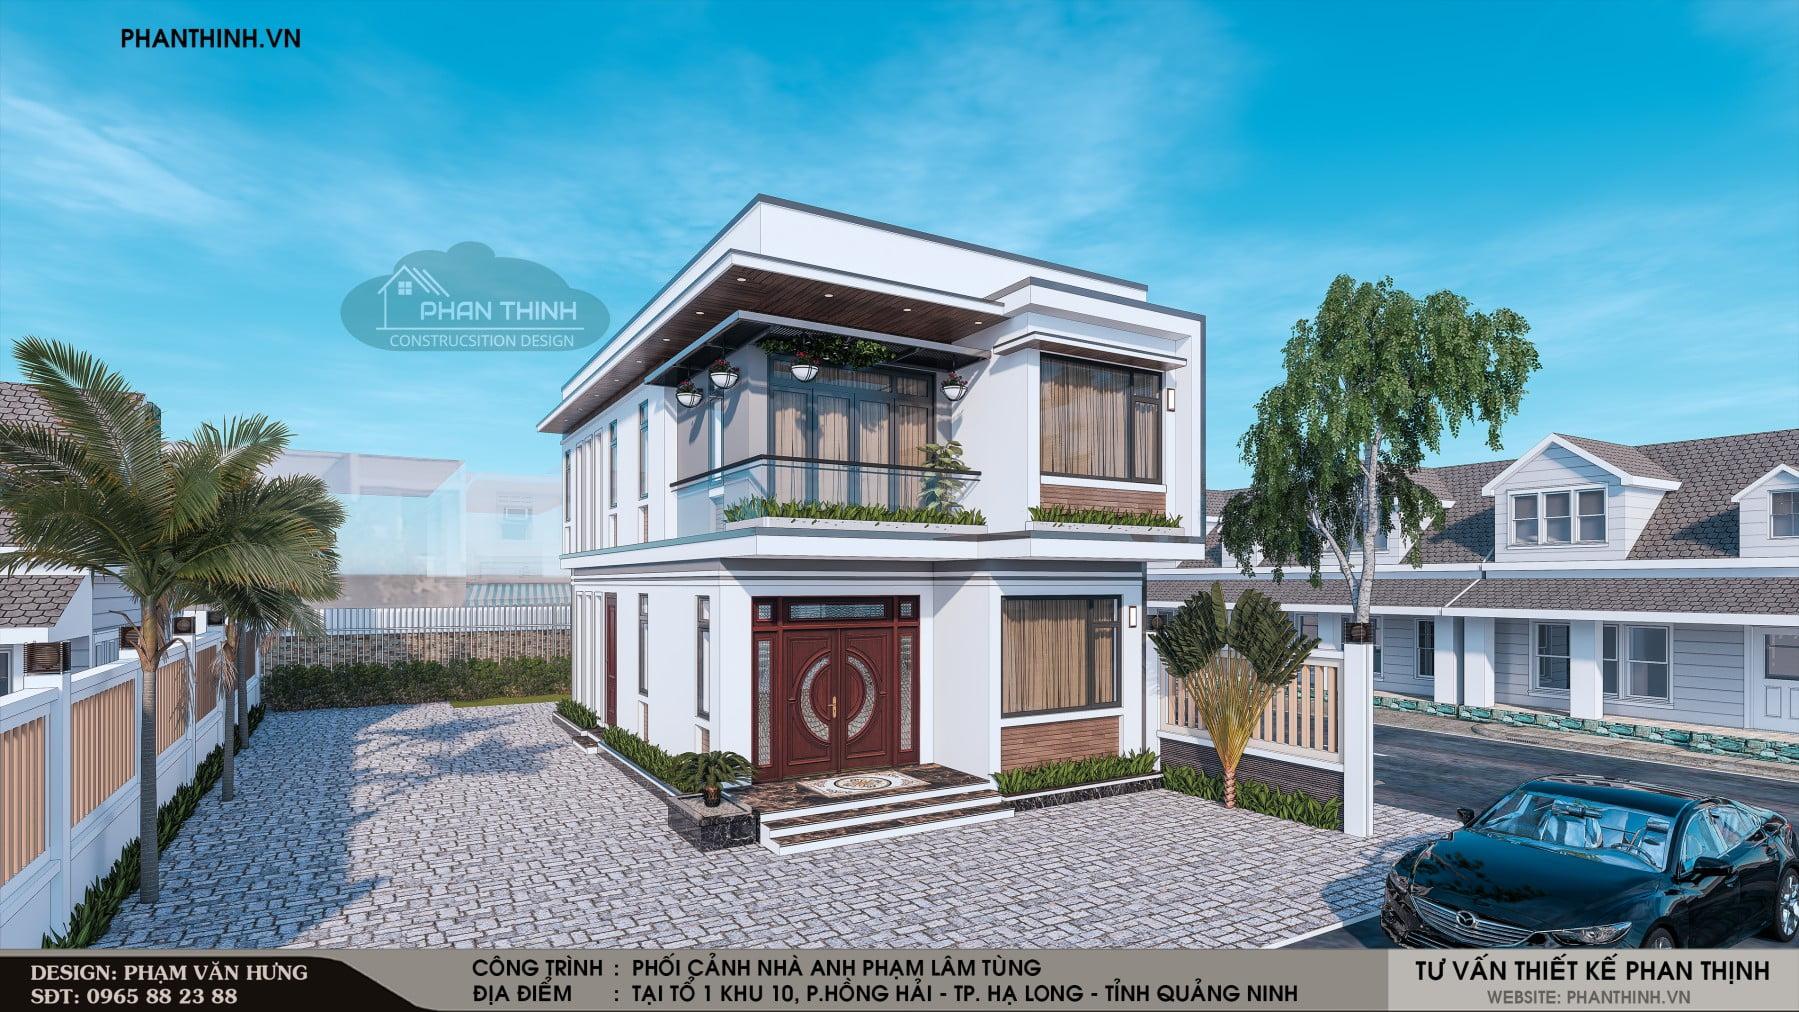 Thiết kế mặt tiền căn nhà ống 2 tầng hiện đại